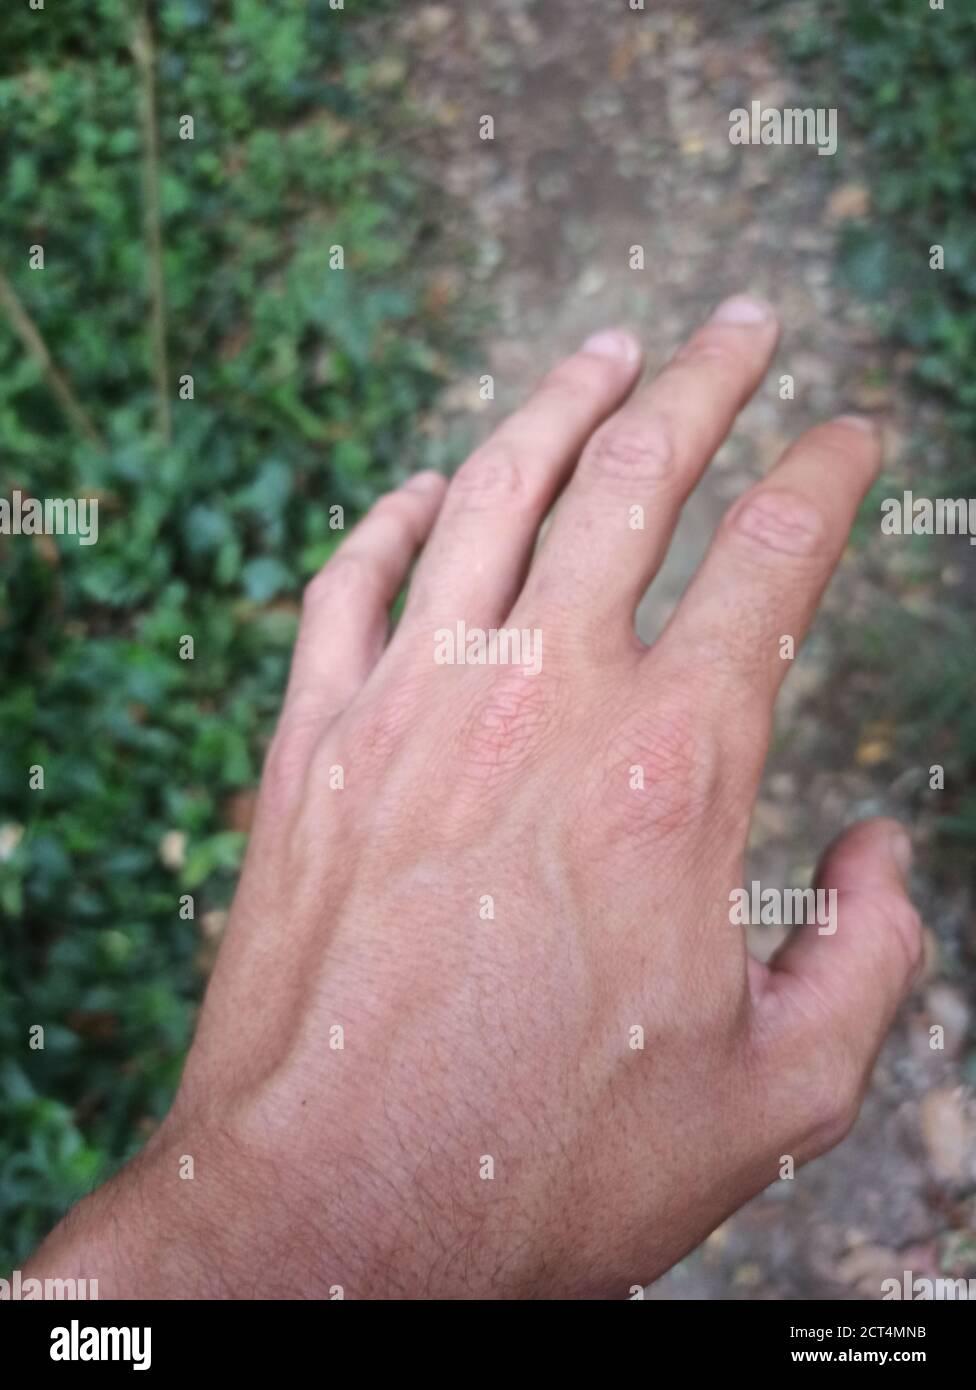 Tiro vertical de la mano de un hombre con venas abultadas un fondo borroso Foto de stock